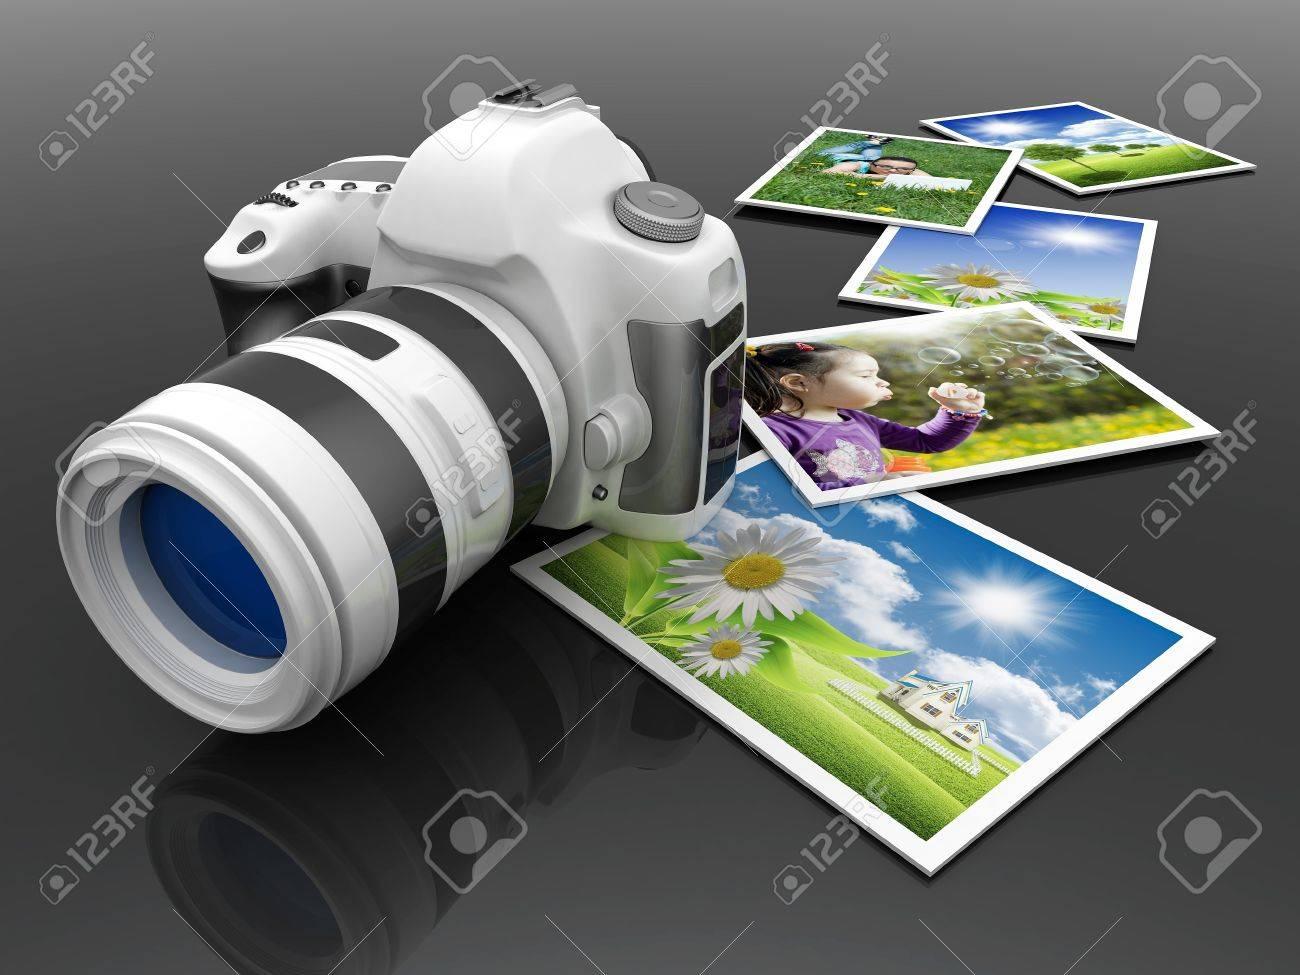 Digital camera image on white background Stock Photo - 12781783